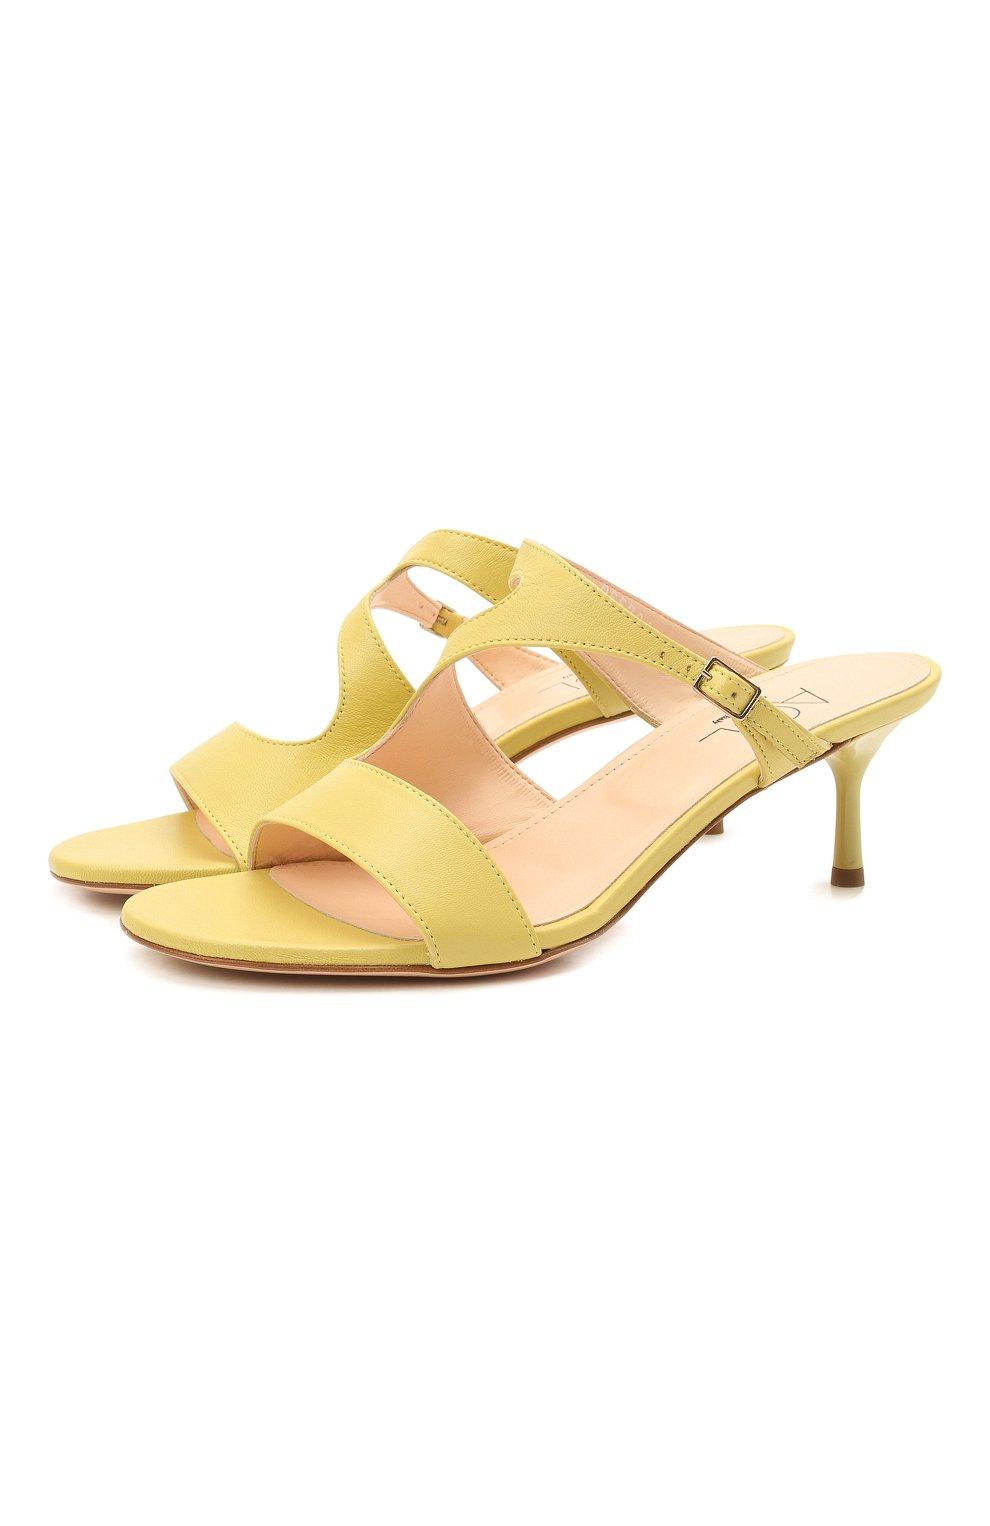 Женские кожаные мюли AGL желтого цвета, арт. D657016PCKH002E330 | Фото 1 (Каблук высота: Низкий; Материал внутренний: Натуральная кожа; Каблук тип: Шпилька; Подошва: Плоская)